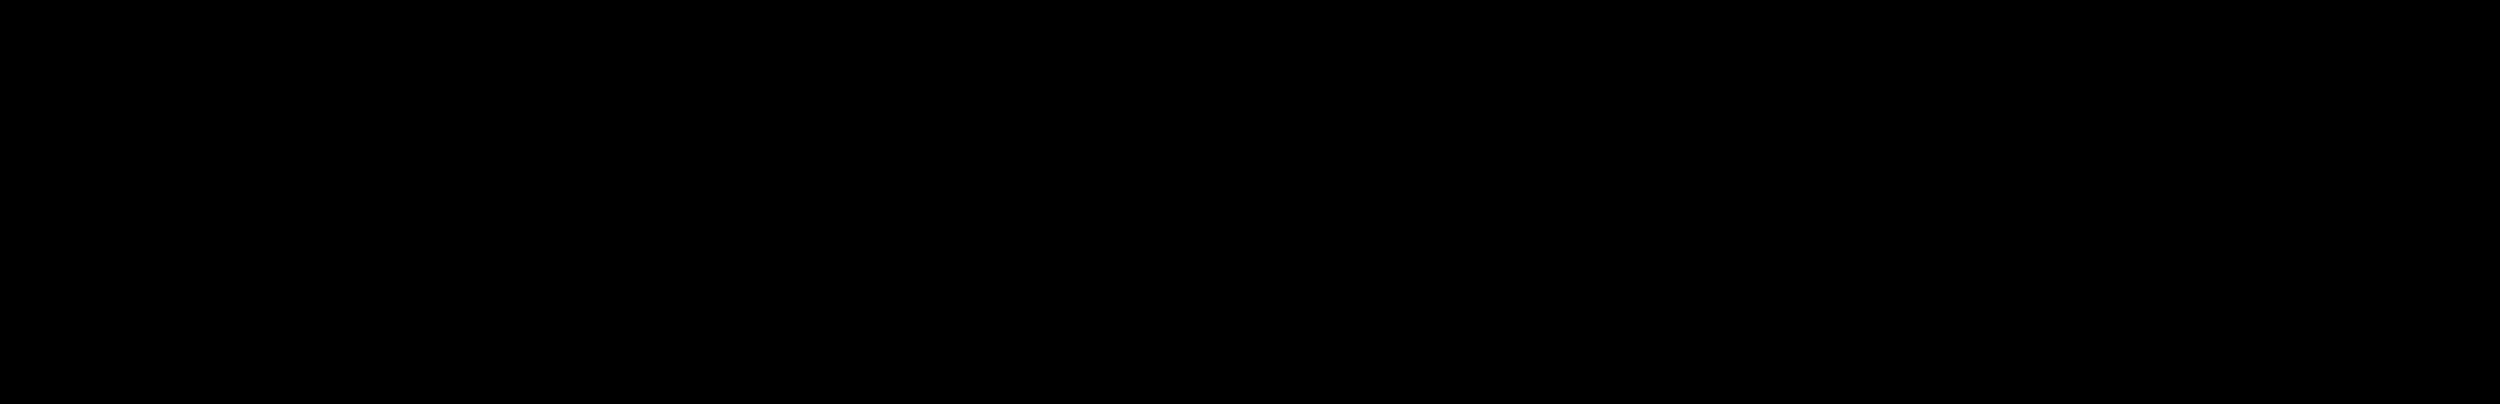 AOC-01.png